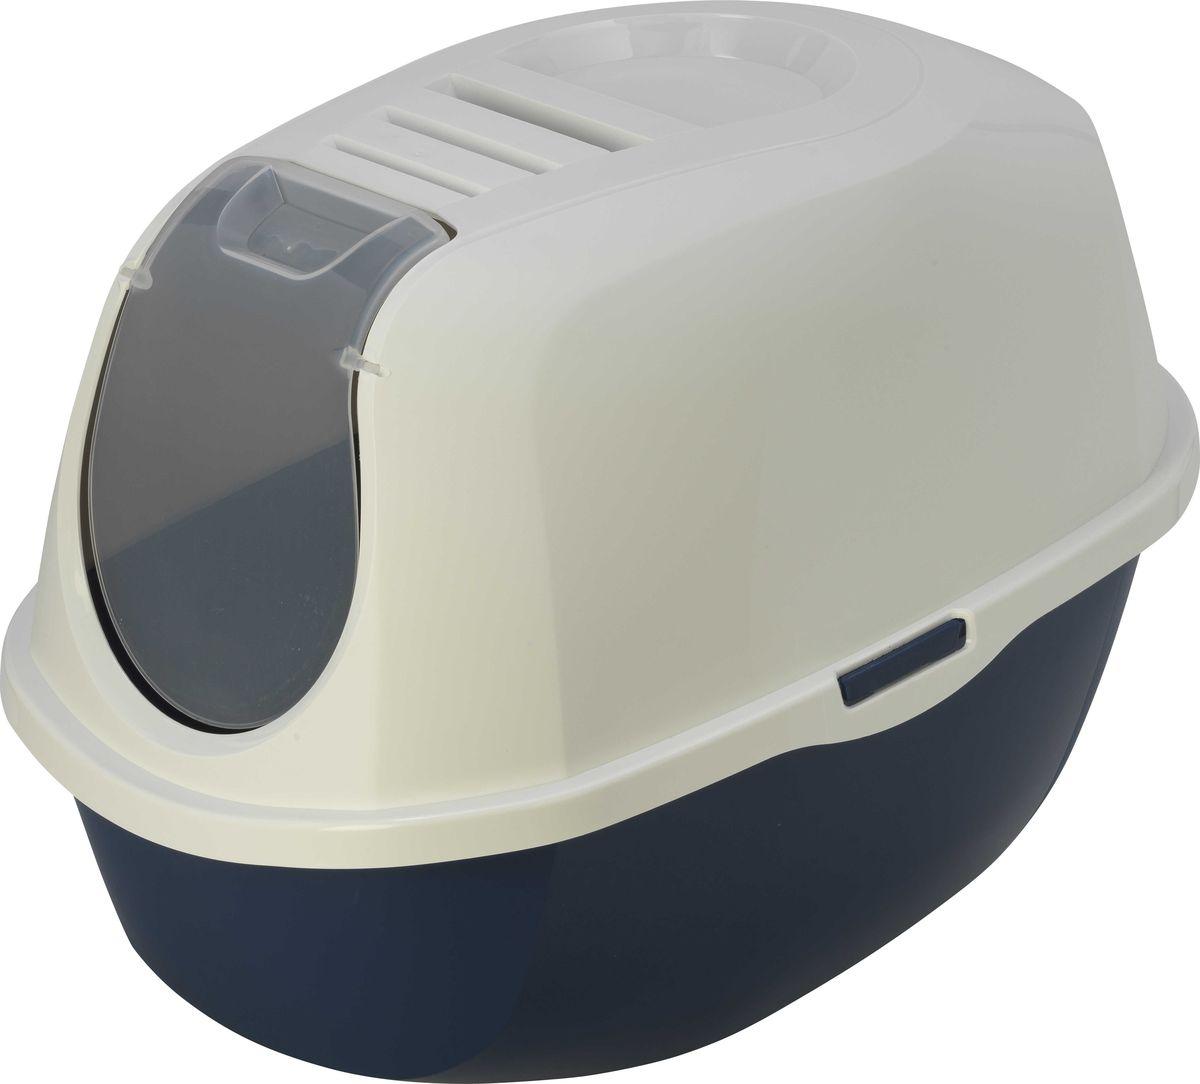 Туалет закрытый для кошек Moderna Smart Cat, цвет: черничный, 53 x 41 x 39 см14C370331Полупрозрачная дверь для дополнительной конфиденциальности. Легко очищается теплой мыльной водой. Угольный фильтр для уменьшения запаха.